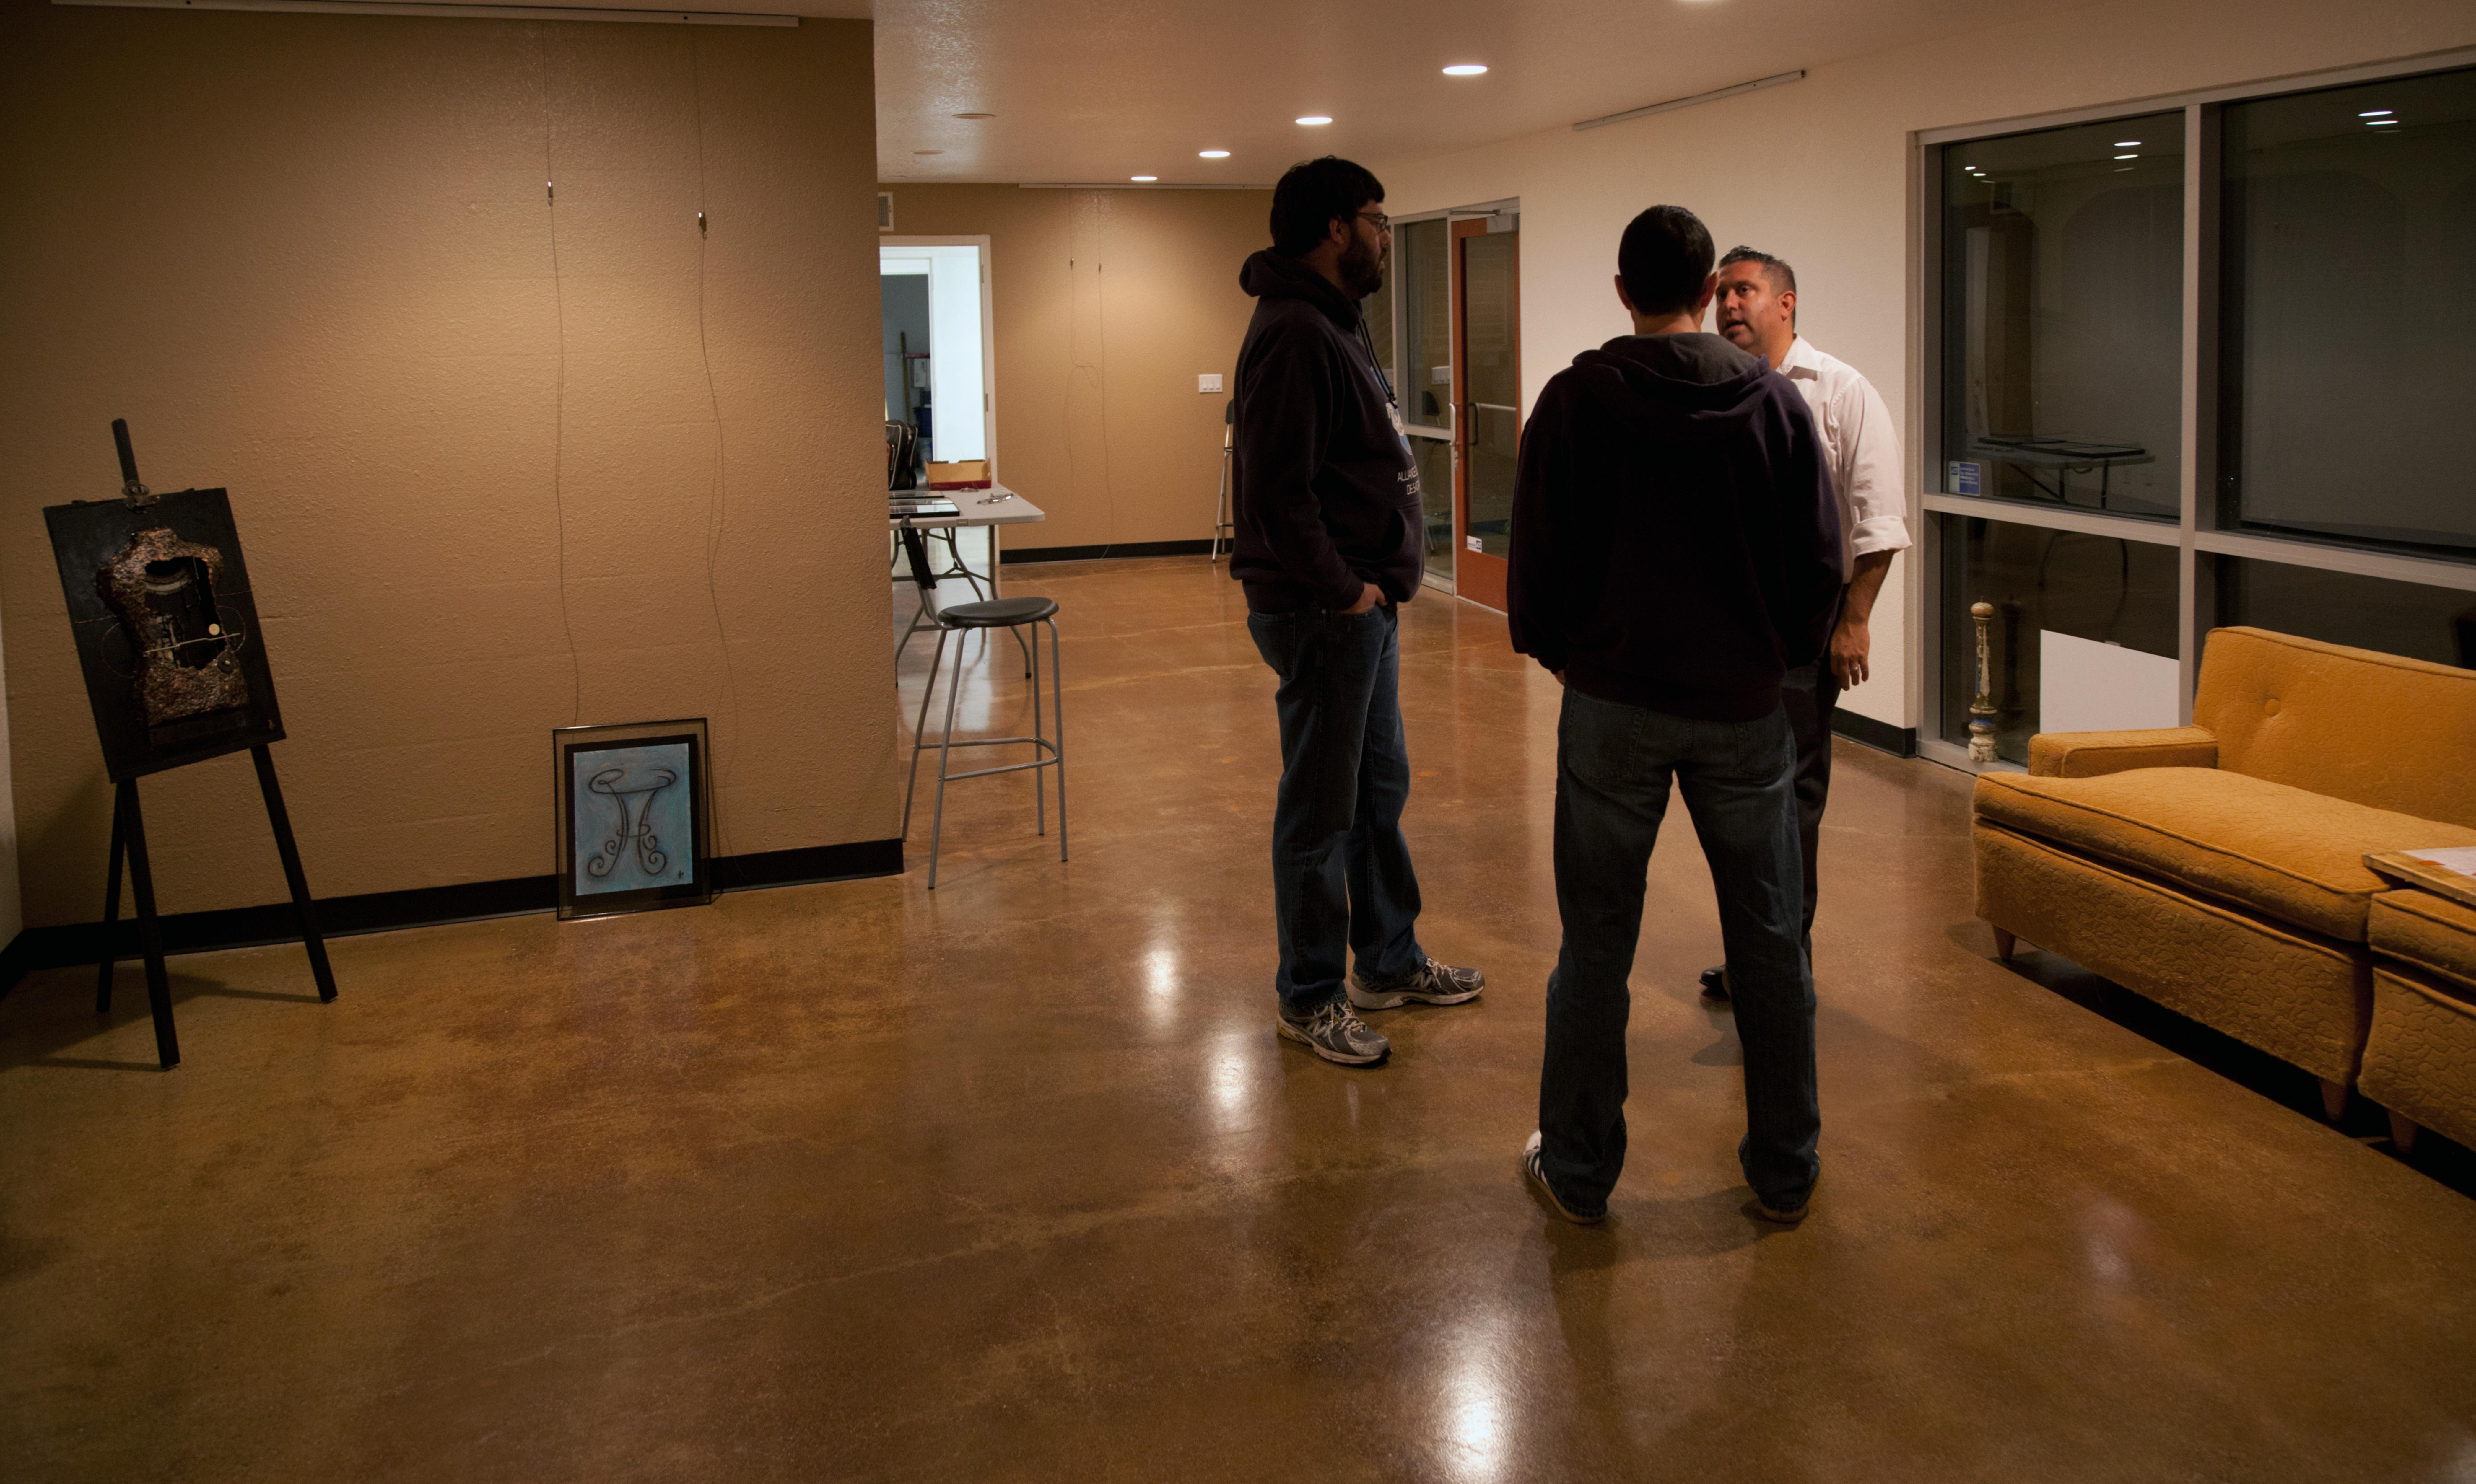 Show Interior Design Art Design Installation Tourist Attraction Exhibition  Sacramento Secondsaturday Vox Art Gallery Art Exhibition